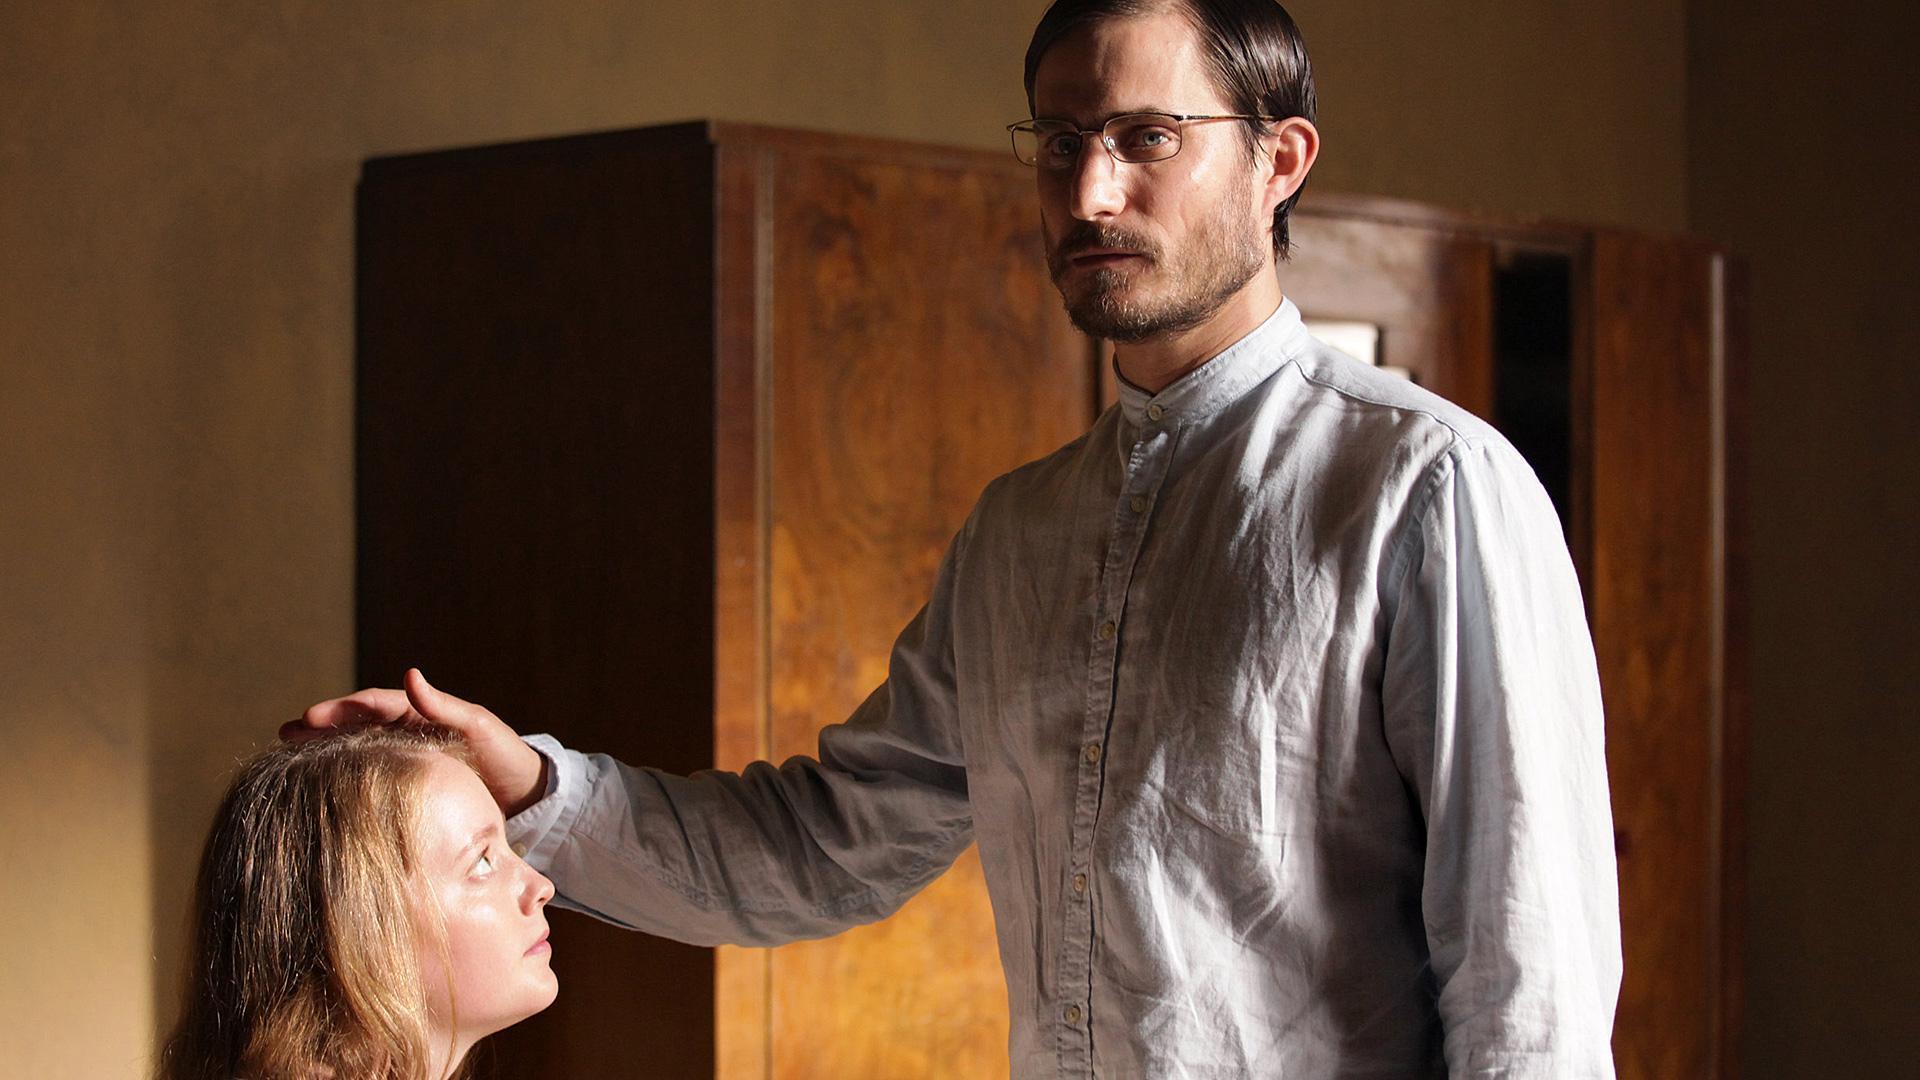 """""""Das Jerusalem-Syndrom"""": Marie (Leonie Benesch) steht kurz davor, den Messias auf die Welt zu bringen, ist sich Sektenführer Peter (Clemens Schick) sicher."""